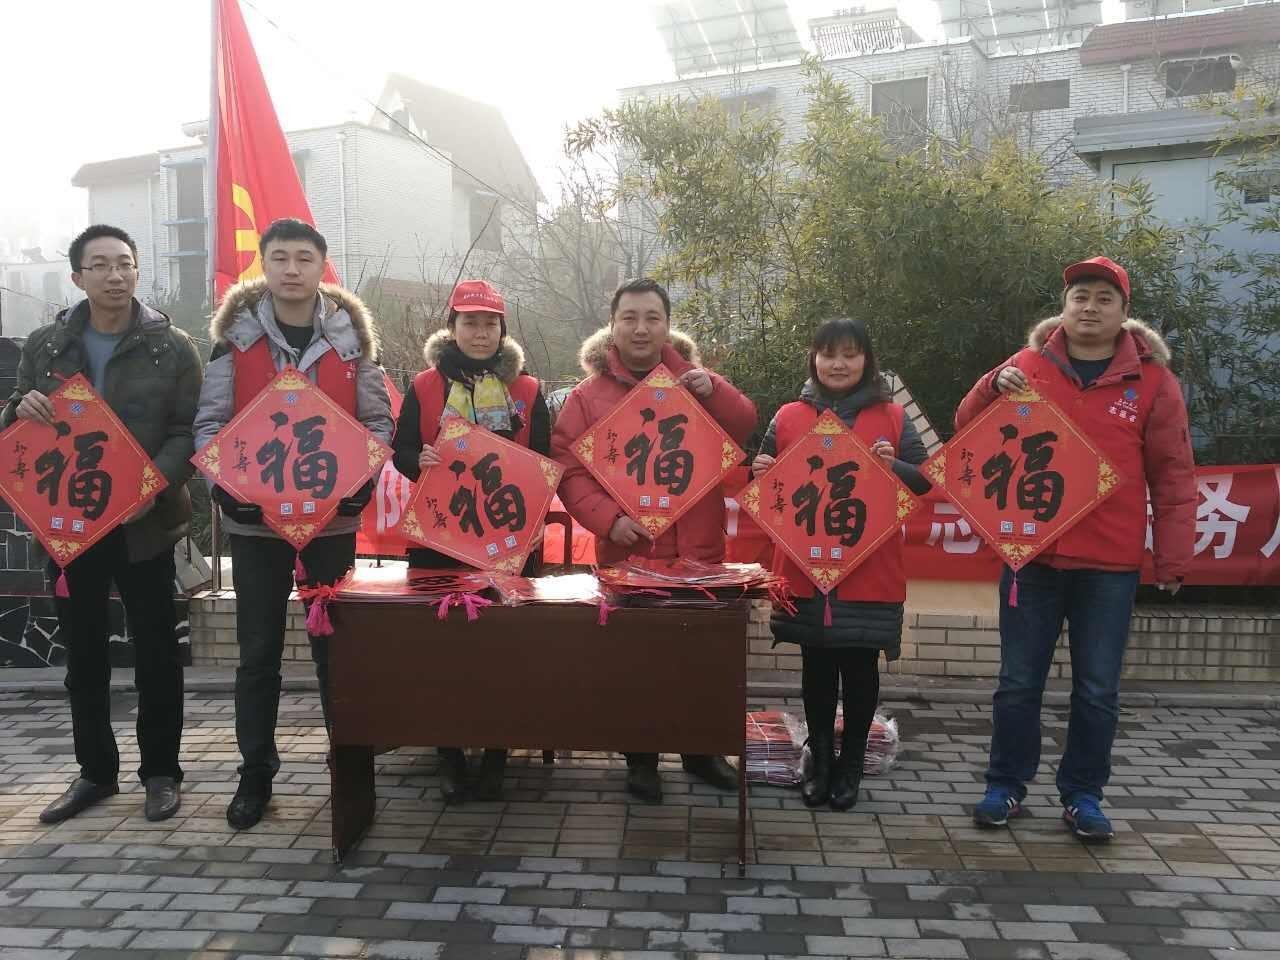 """安阳益和热力公司 开展志愿服务月暨""""送福进社区""""活动"""